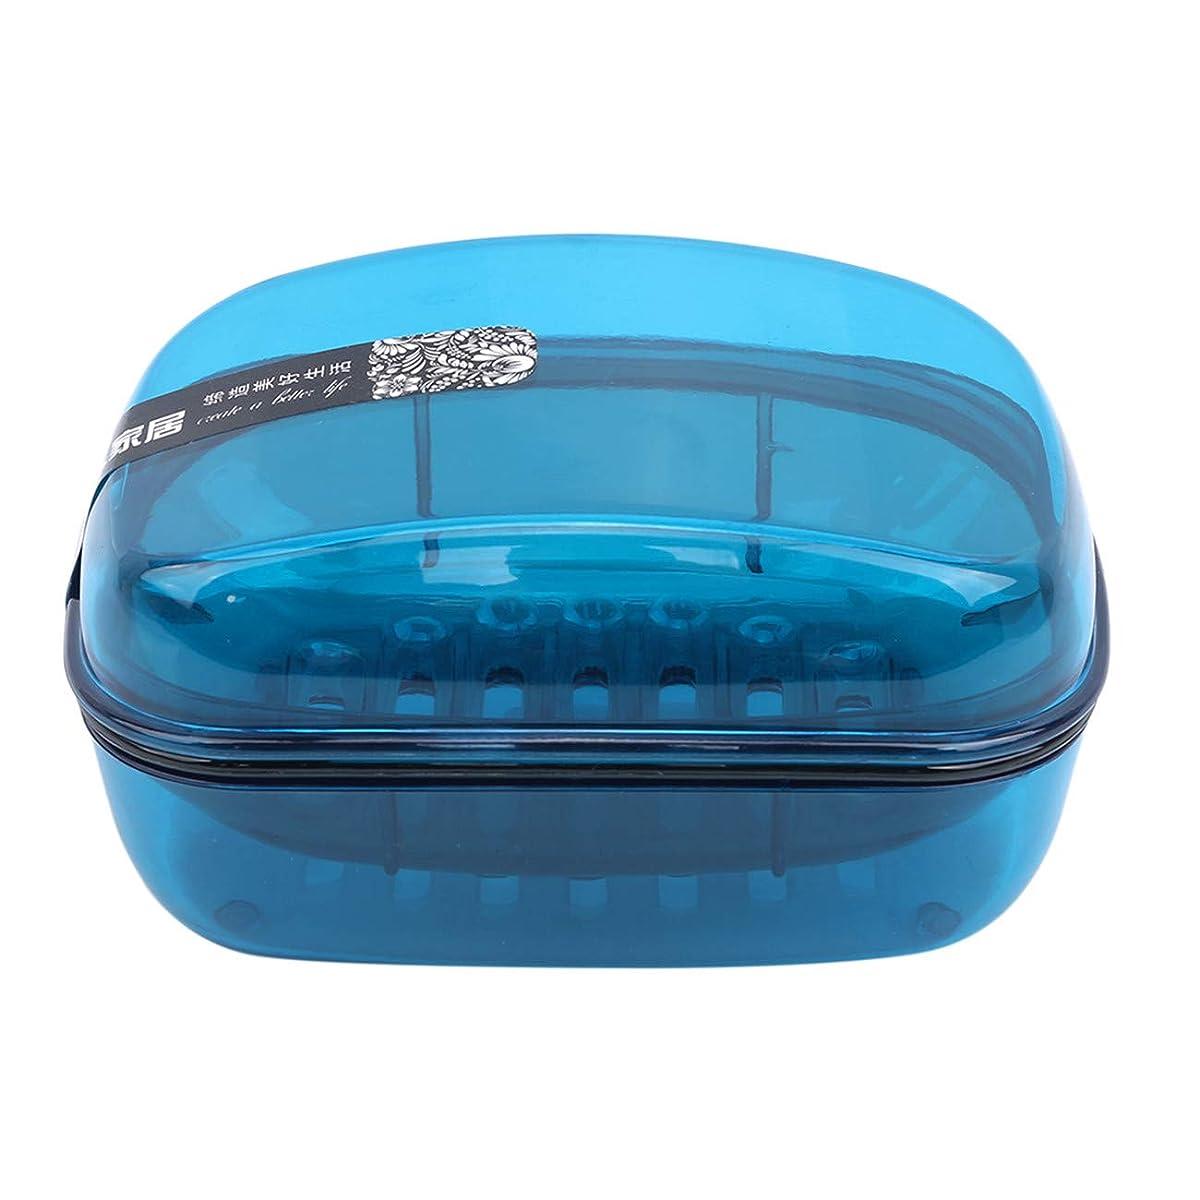 尽きる素朴な秀でるZALING石鹸収納ボックス皿バスルームアクセサリーソープボックスケースホルダー付きカバーブルー